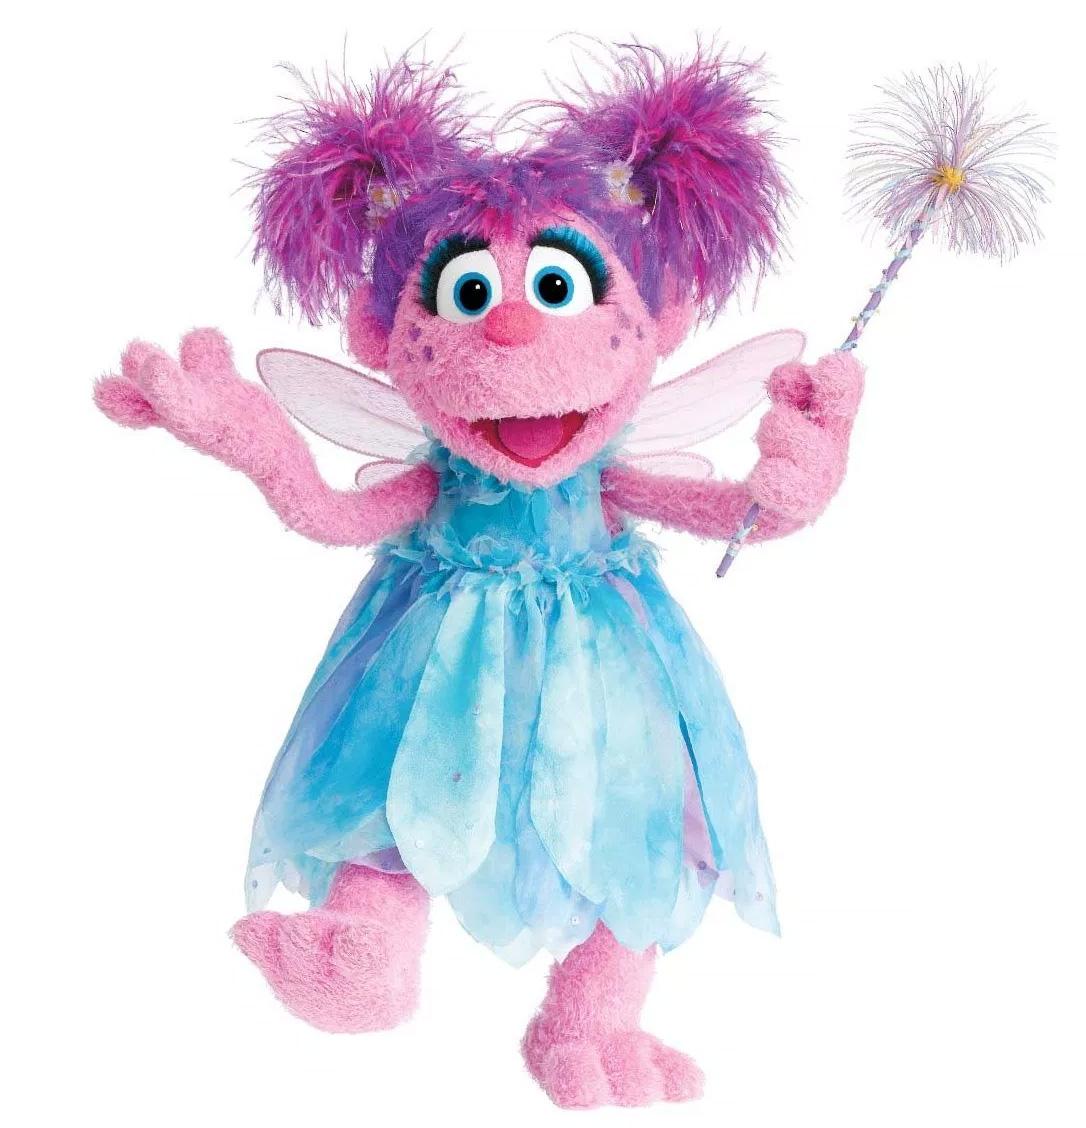 Abby Cadabby  sc 1 st  Muppet Wiki - Fandom & Abby Cadabby | Muppet Wiki | FANDOM powered by Wikia